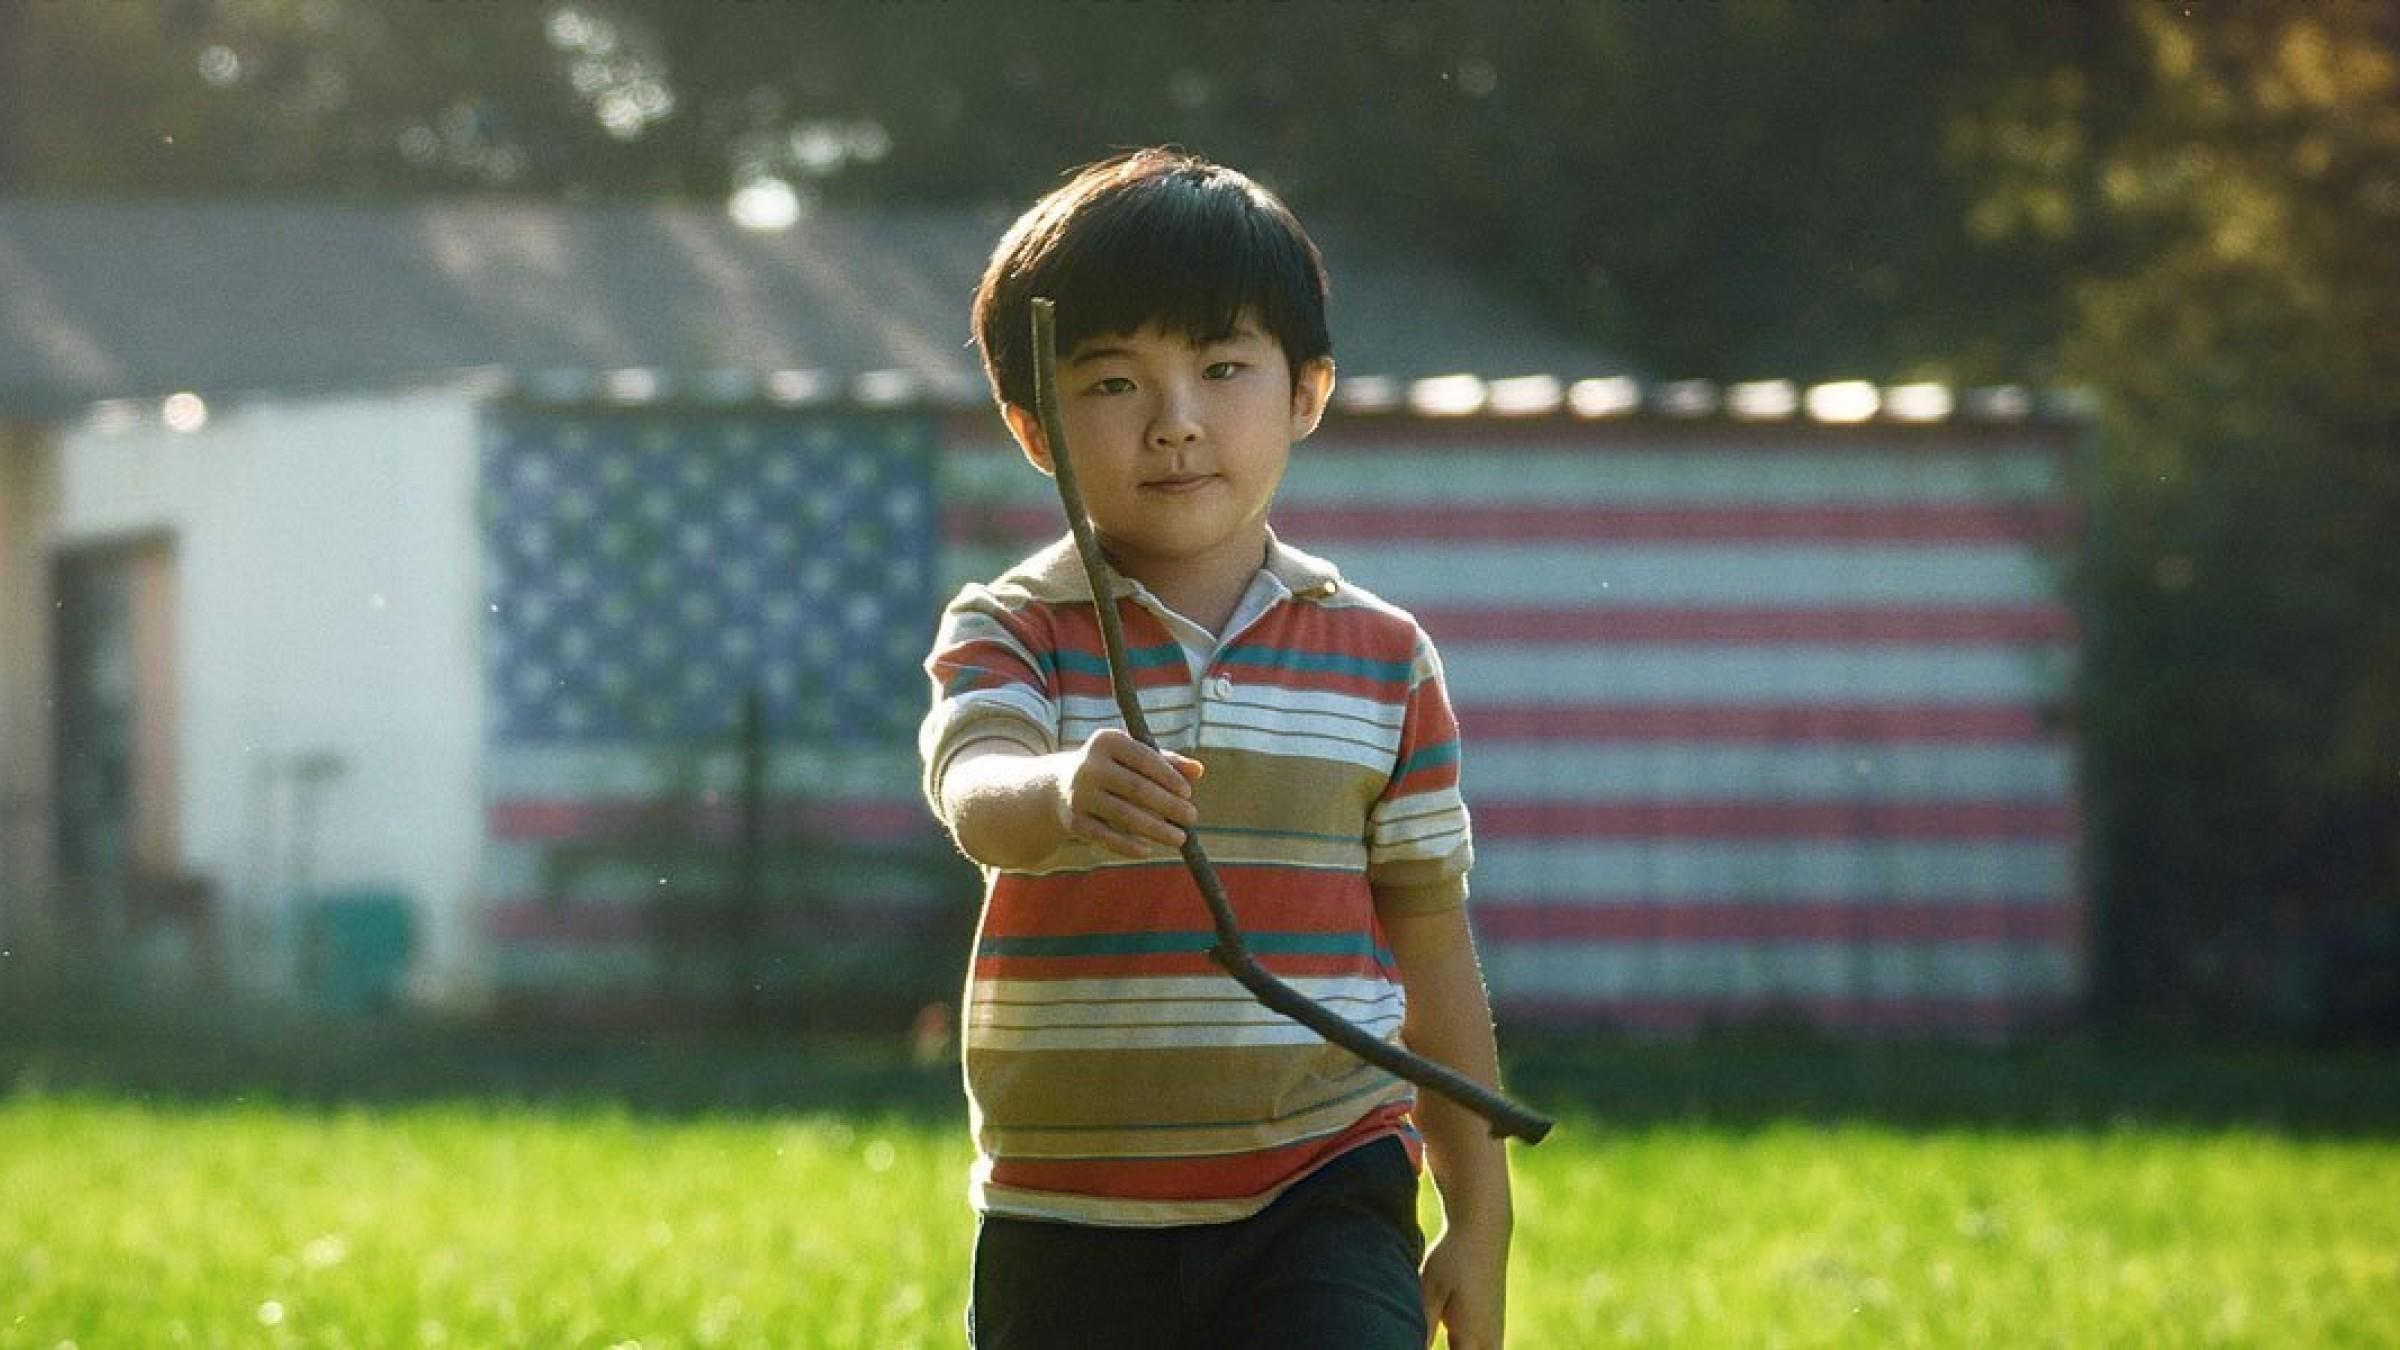 Imagem de divulgação do filme Minari. A imagem é retangular e mostra o personagem David, interpretado por Alan Kim, uma criança asiática de sete anos, de cabelos lisos escuros, ao centro. David veste uma camisa polo de listras em tons de marrom, branco, cinza e laranja, e uma bermuda cinza escura. O menino, fotografado do quadril para cima, olha para a câmera com uma expressão serena e segura um graveto com a mão direita, oferecendo-o para a câmera. Atrás dele, existe uma casinha com uma pintura da bandeira dos Estados Unidos na parede, e ele caminha sob um gramado verde. A imagem é colorida vibrante.